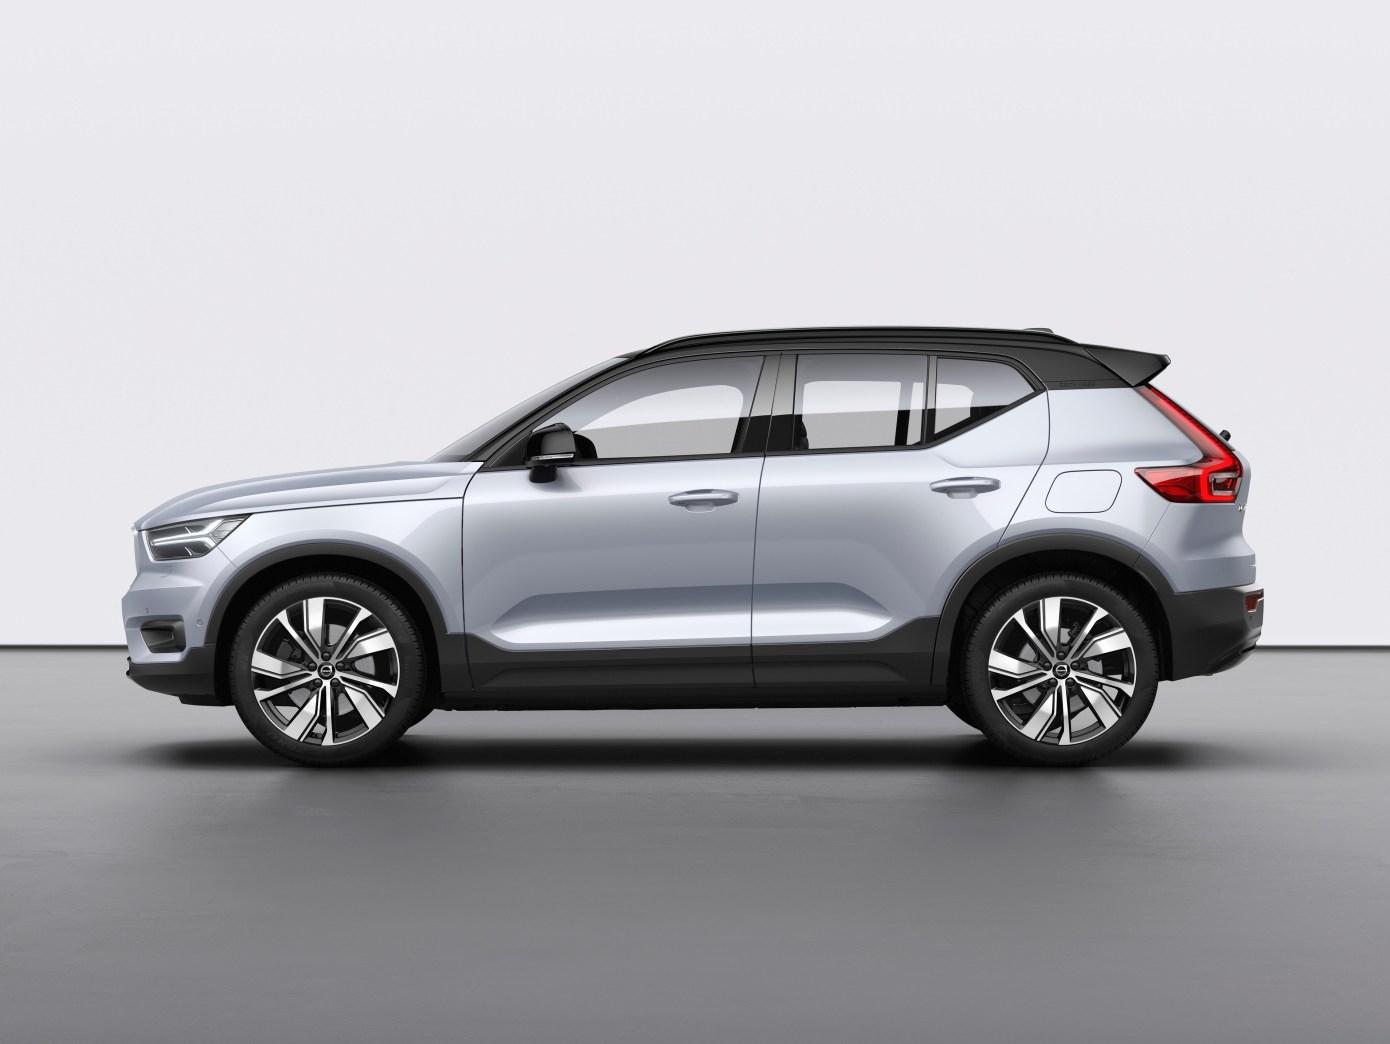 Volvo präsentiert sein erstes Elektroauto, den XC40 Recharge